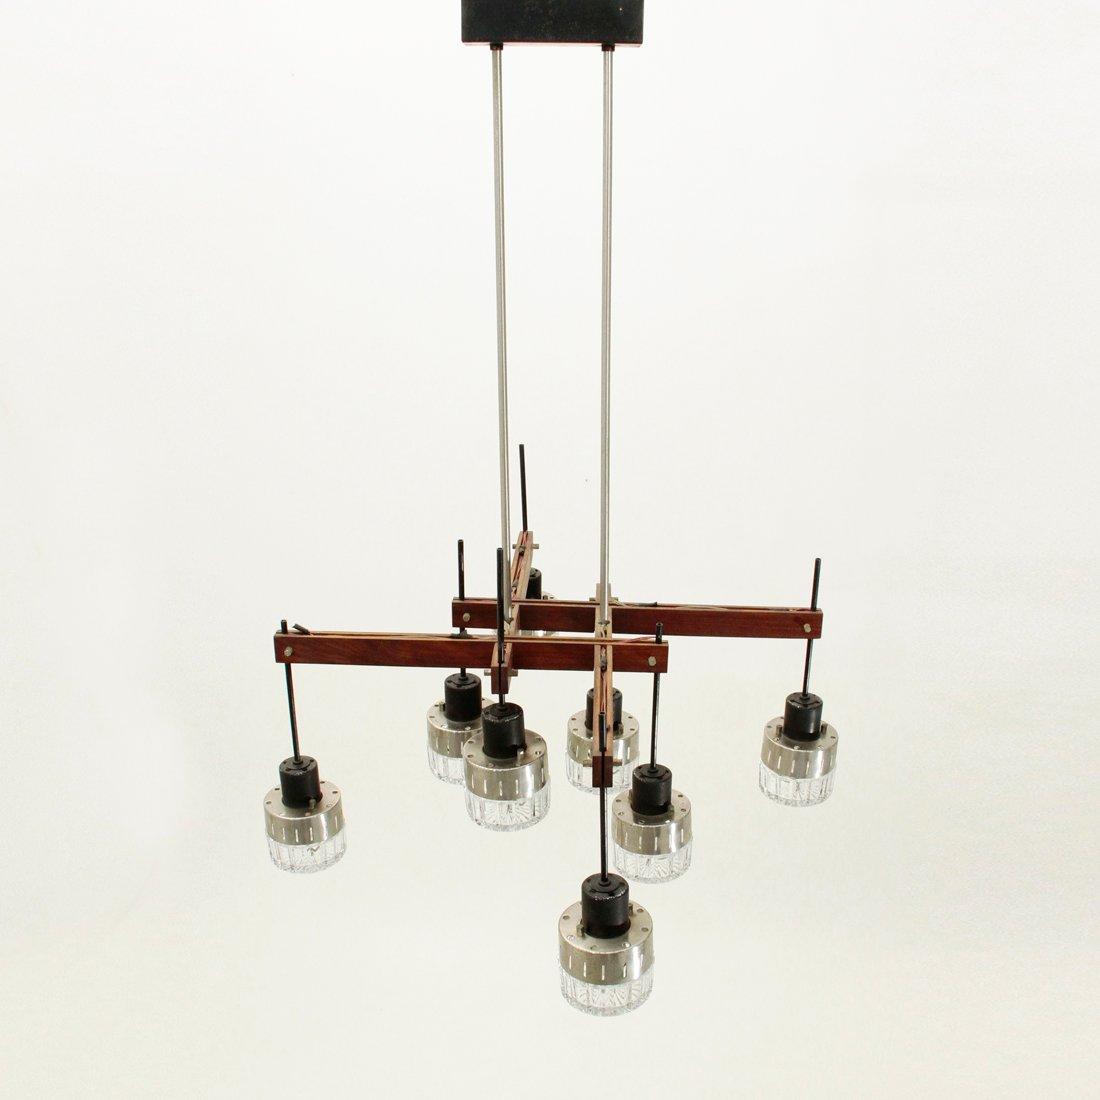 italienischer mid century kronleuchter aus holz mit 8 leuchten bei pamono kaufen. Black Bedroom Furniture Sets. Home Design Ideas